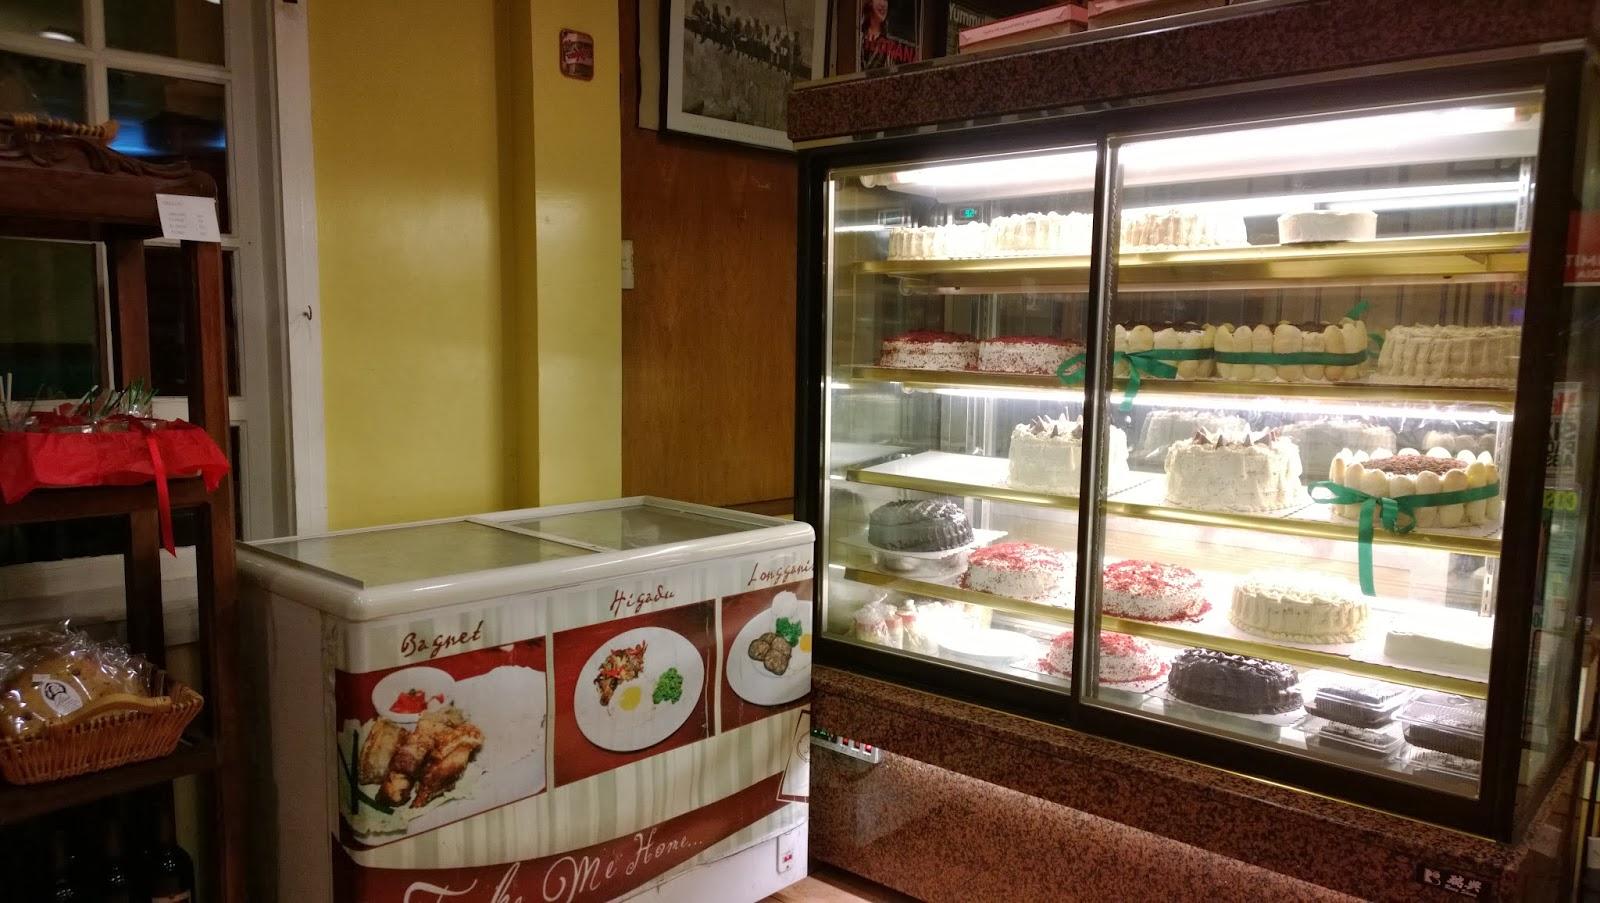 Pork in the Road: An Ilocano Dinner at La Preciosa in Laoag and the